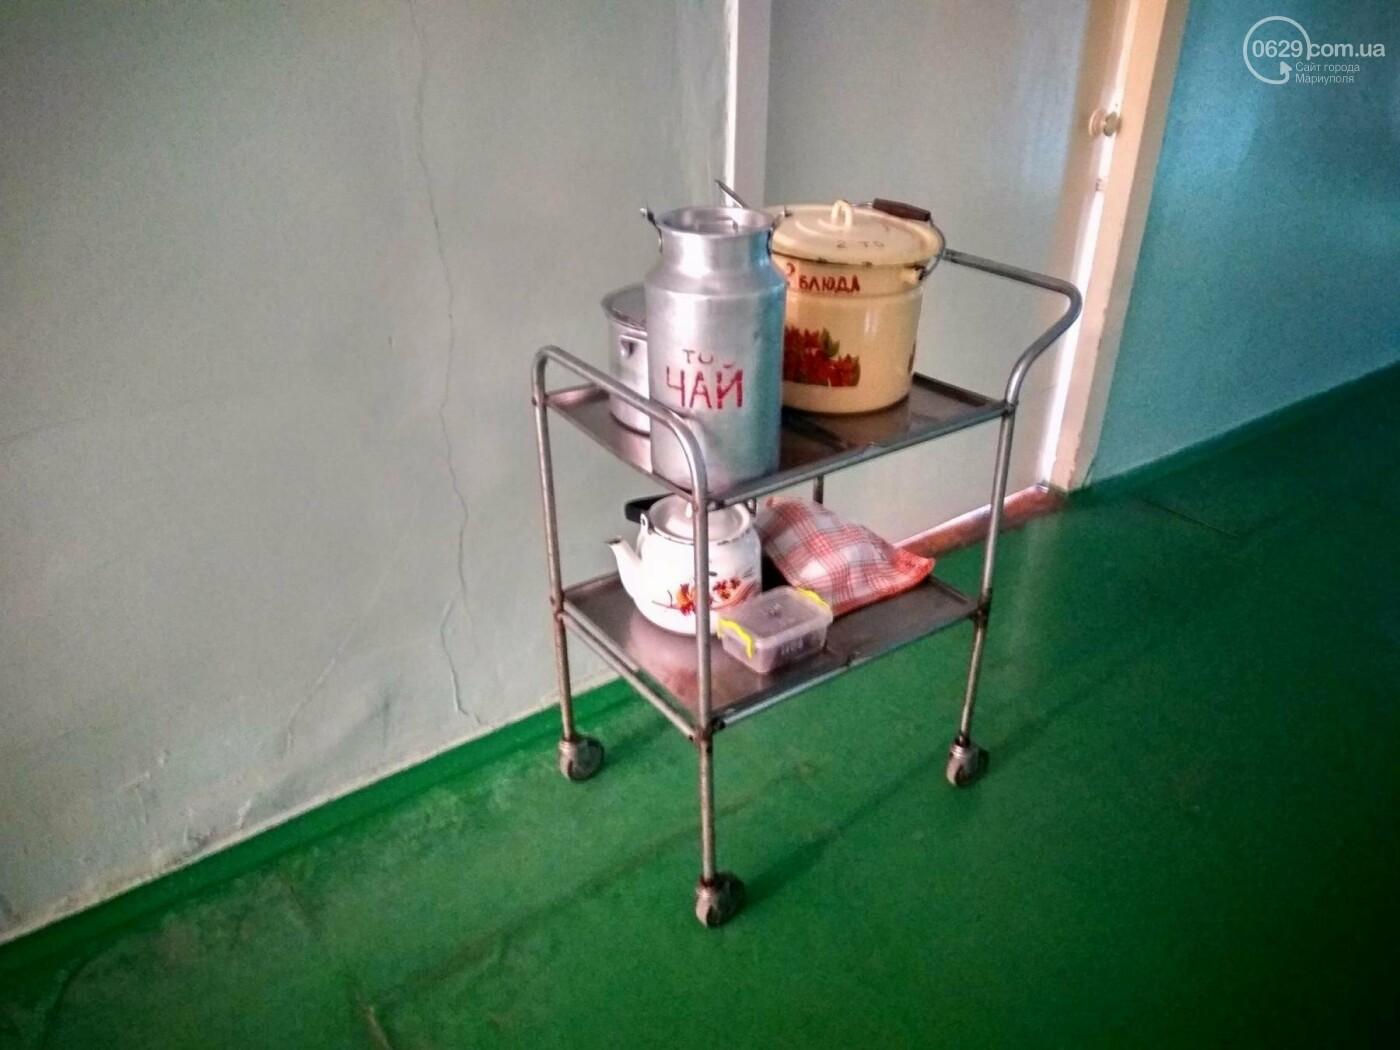 Туалет с видом на море, зимний сад и старые матрацы: особенности отделения терапии горбольницы №9, фото-24